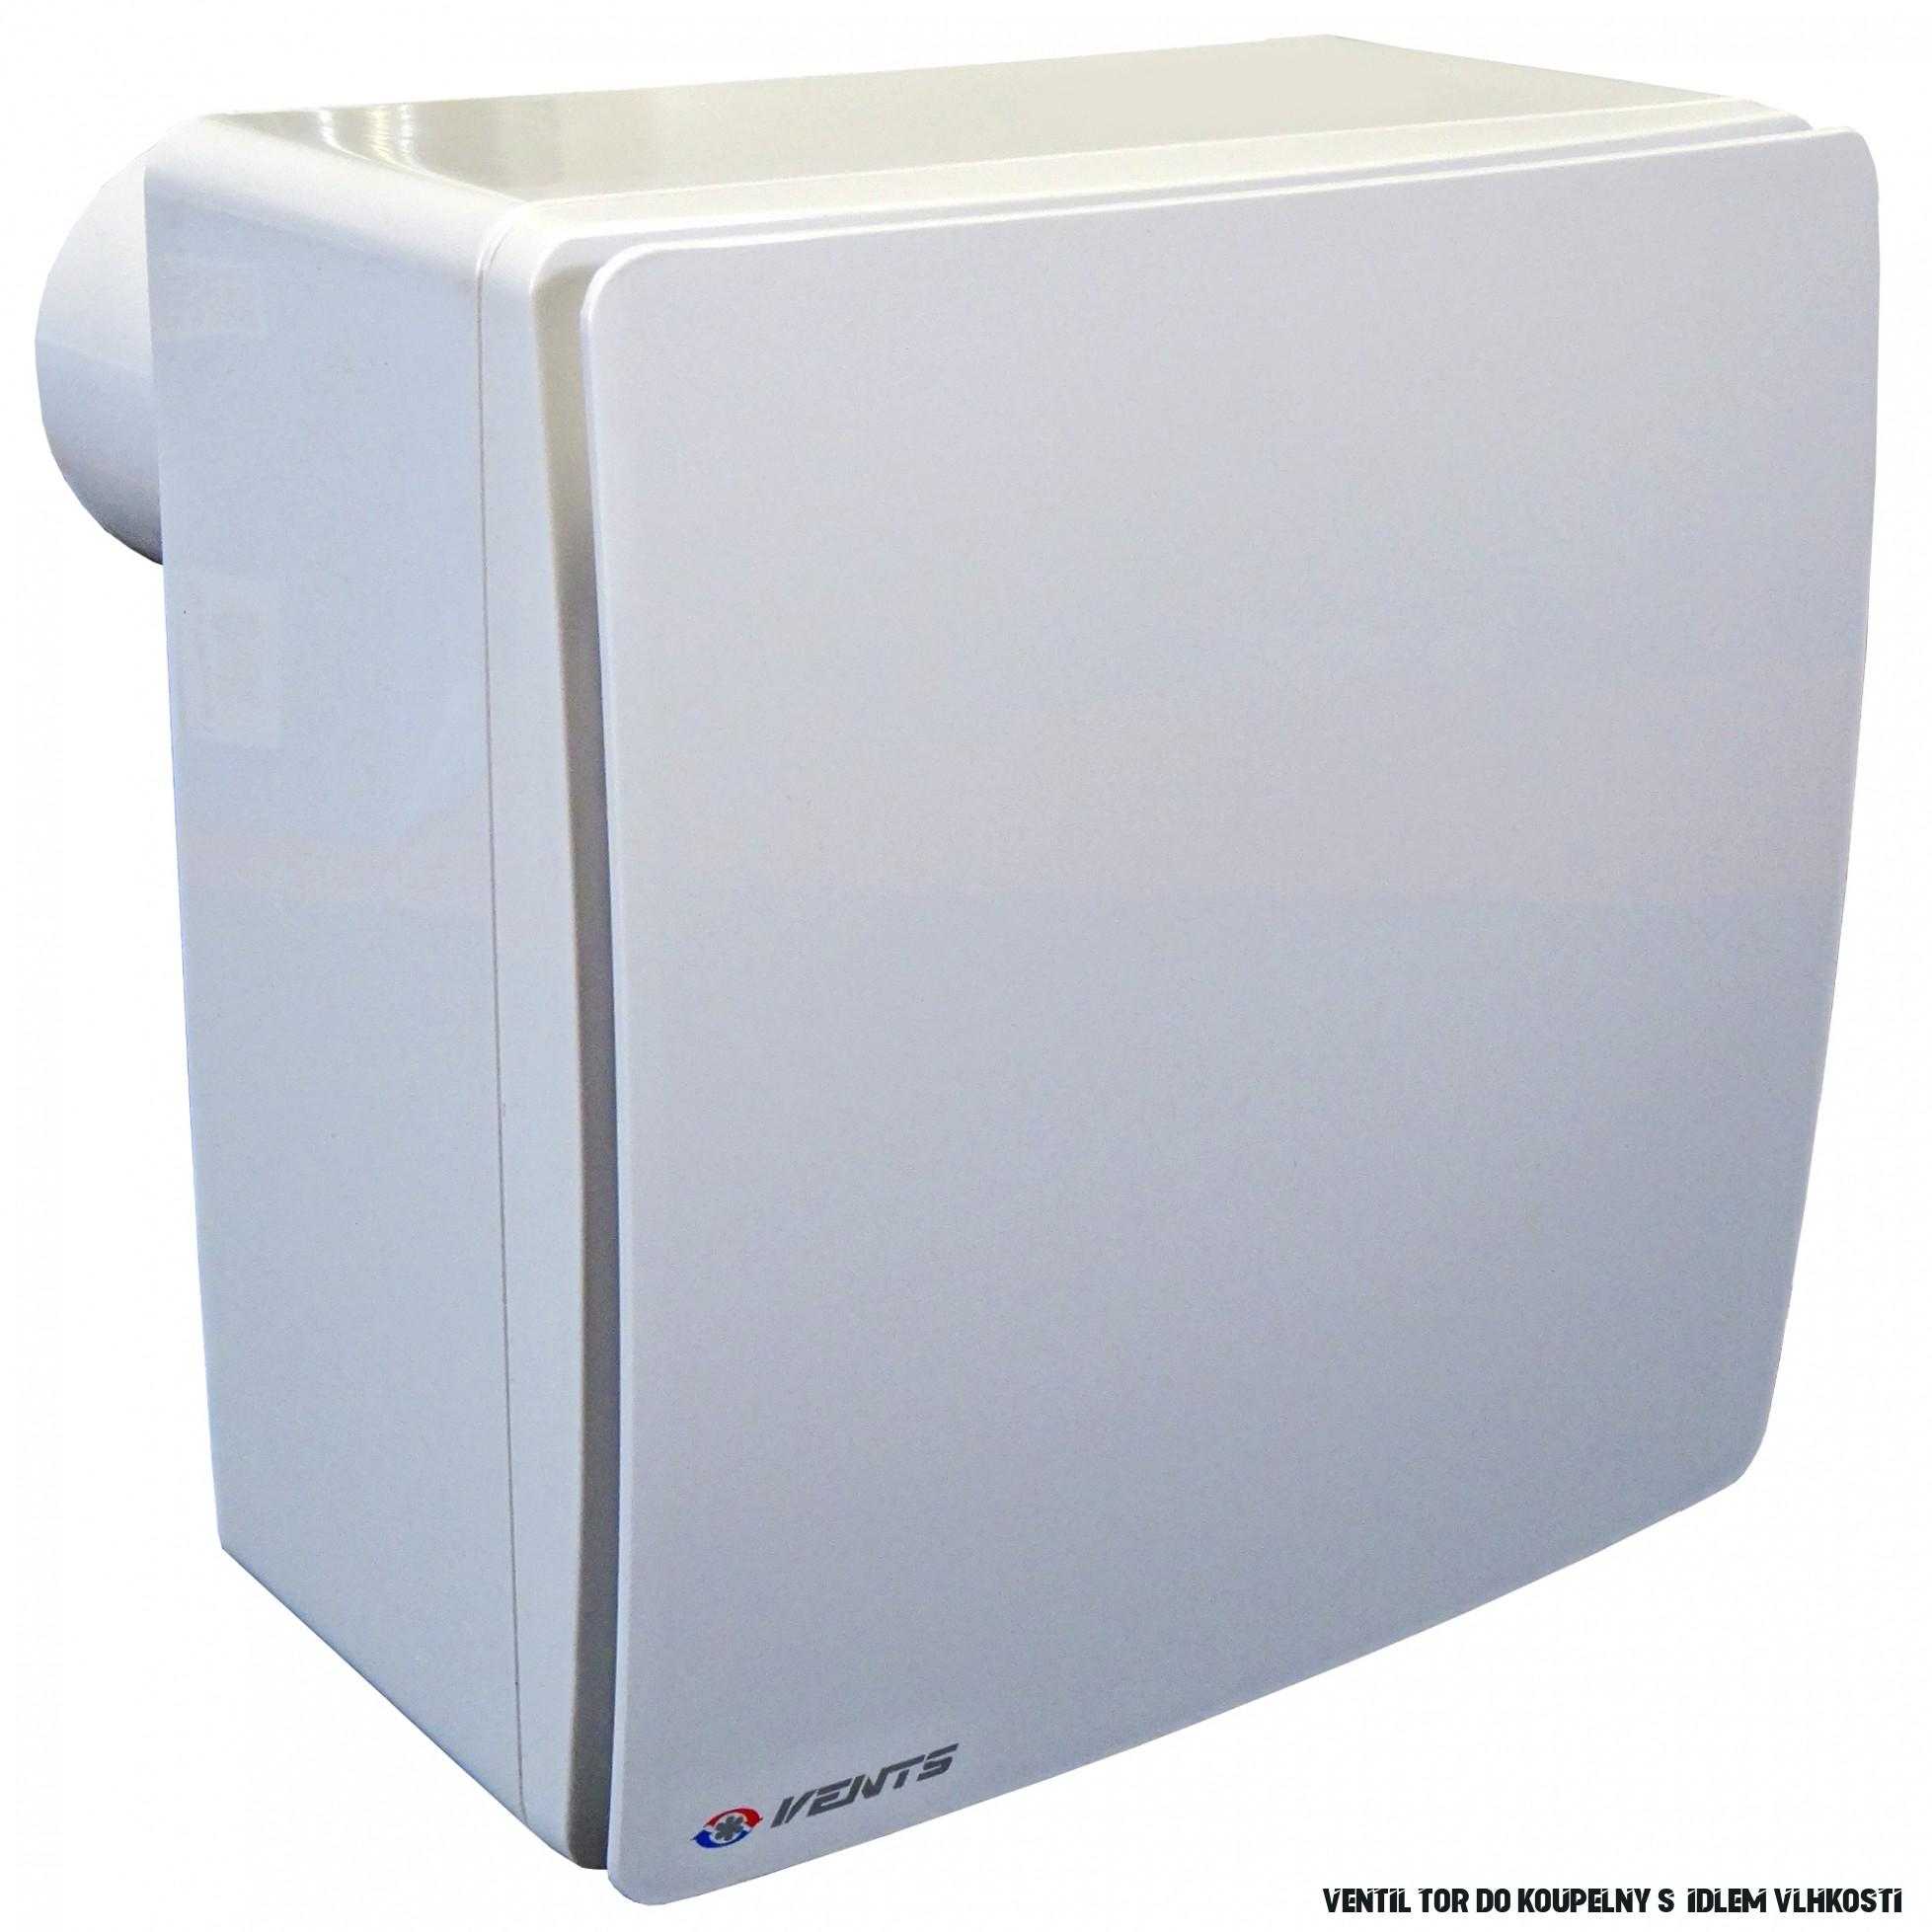 Ventilátor do koupelny se zpětnou klapkou, čidlem vlhkosti a vyšším tlakem  Ø 18 mm, horizontální